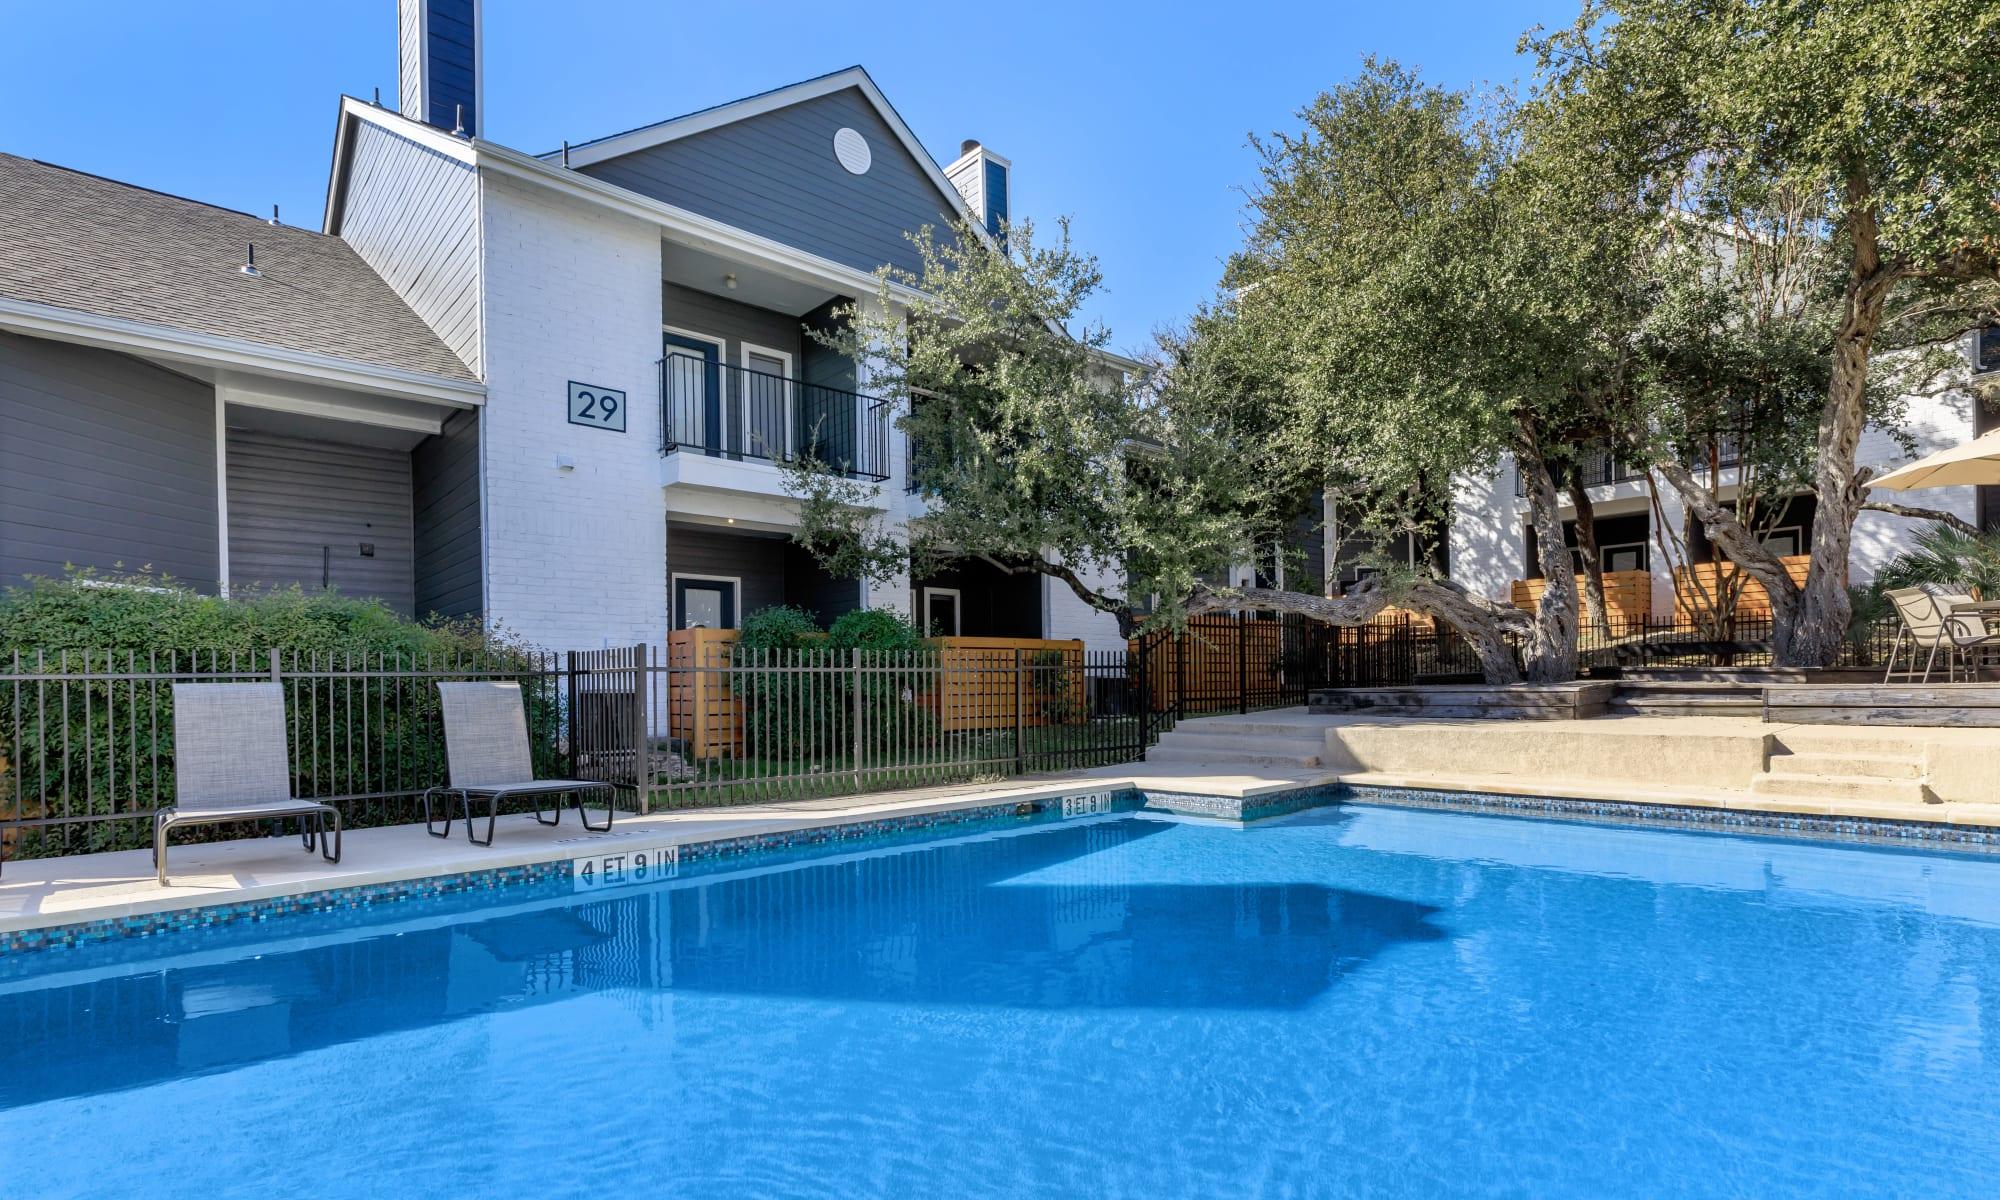 Apartments at APEX in San Antonio, Texas